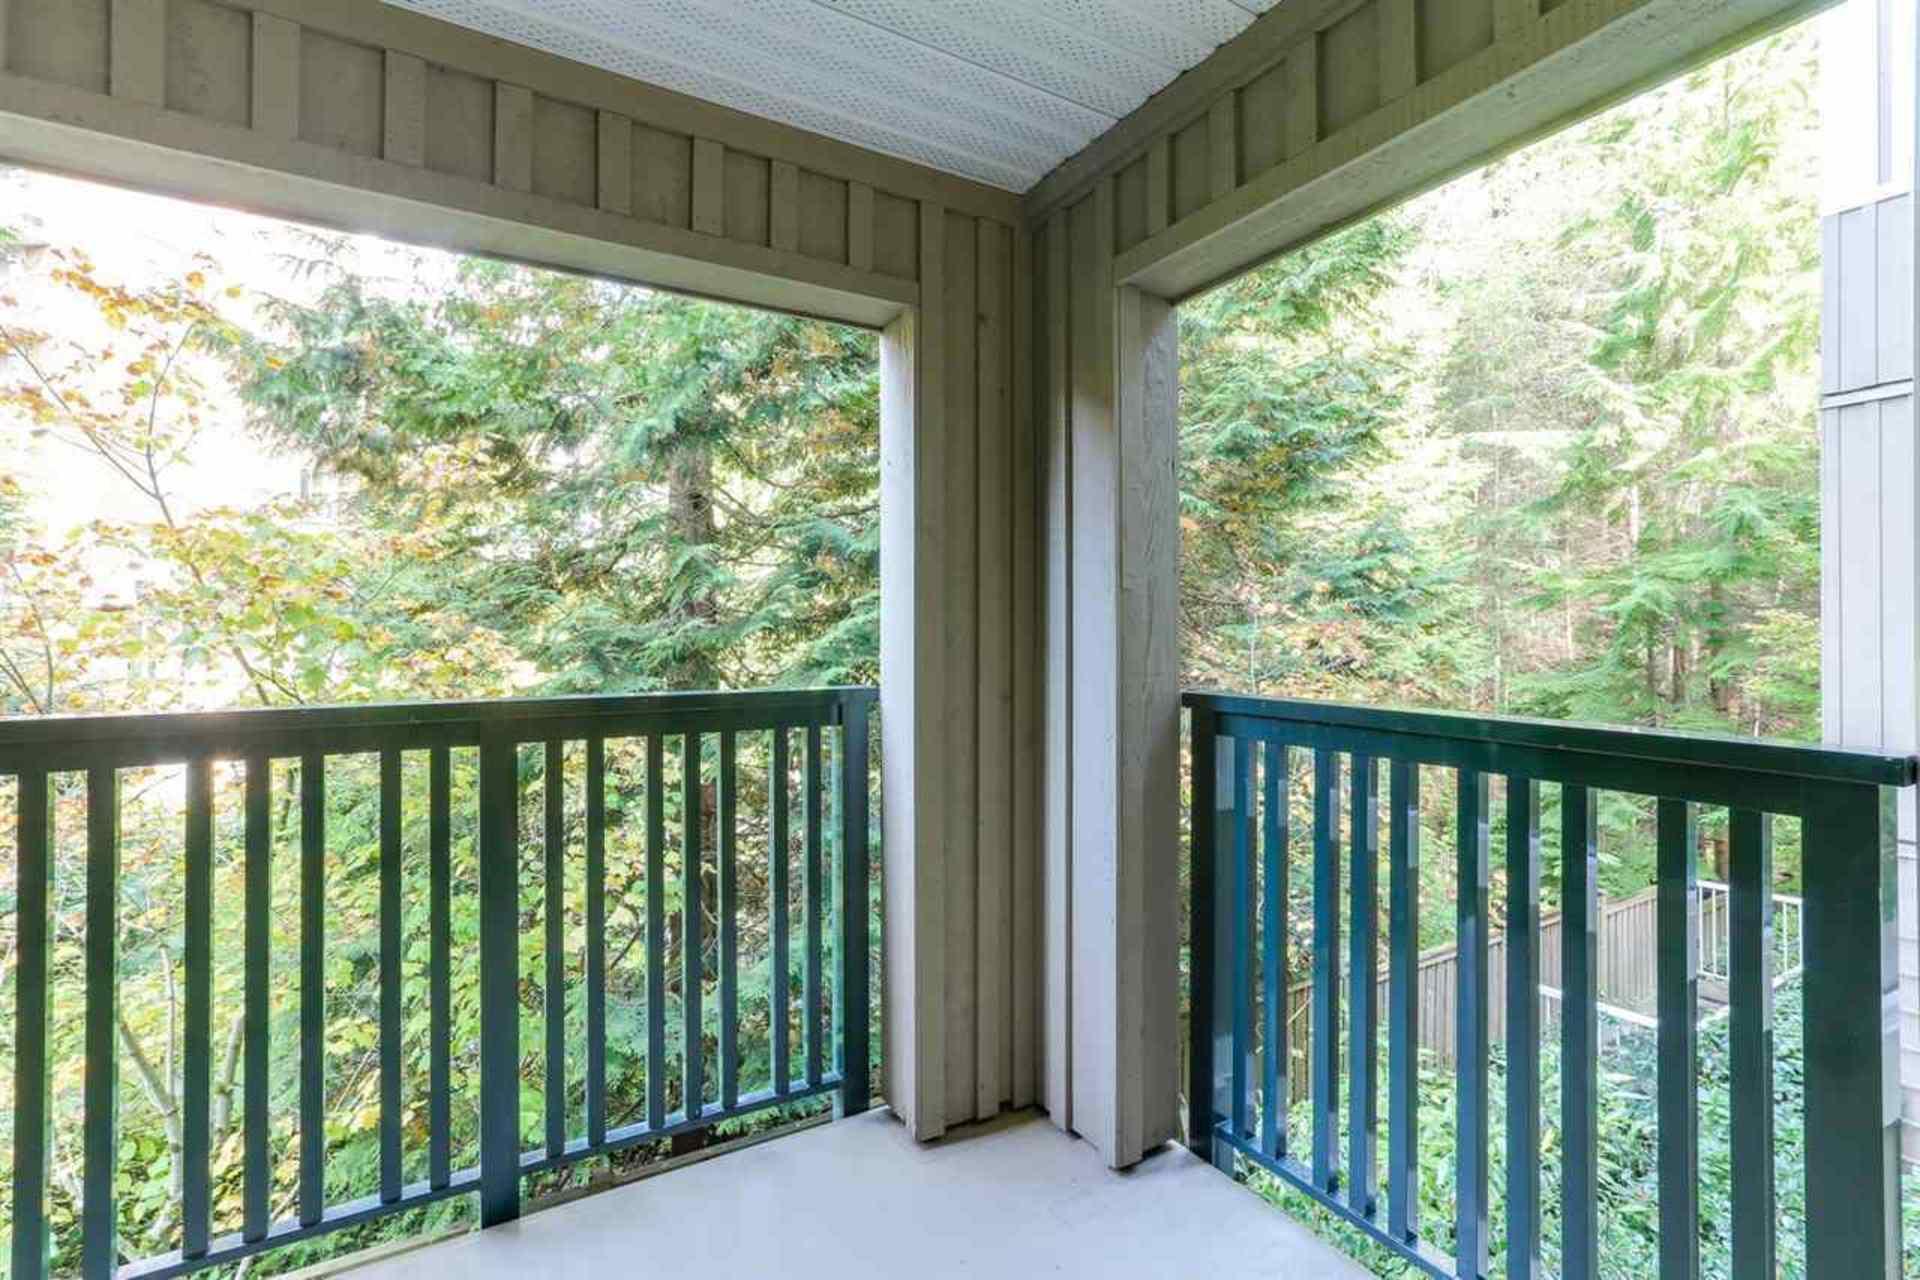 5605-hampton-place-university-vw-vancouver-west-15 at 211 - 5605 Hampton Place, University VW, Vancouver West